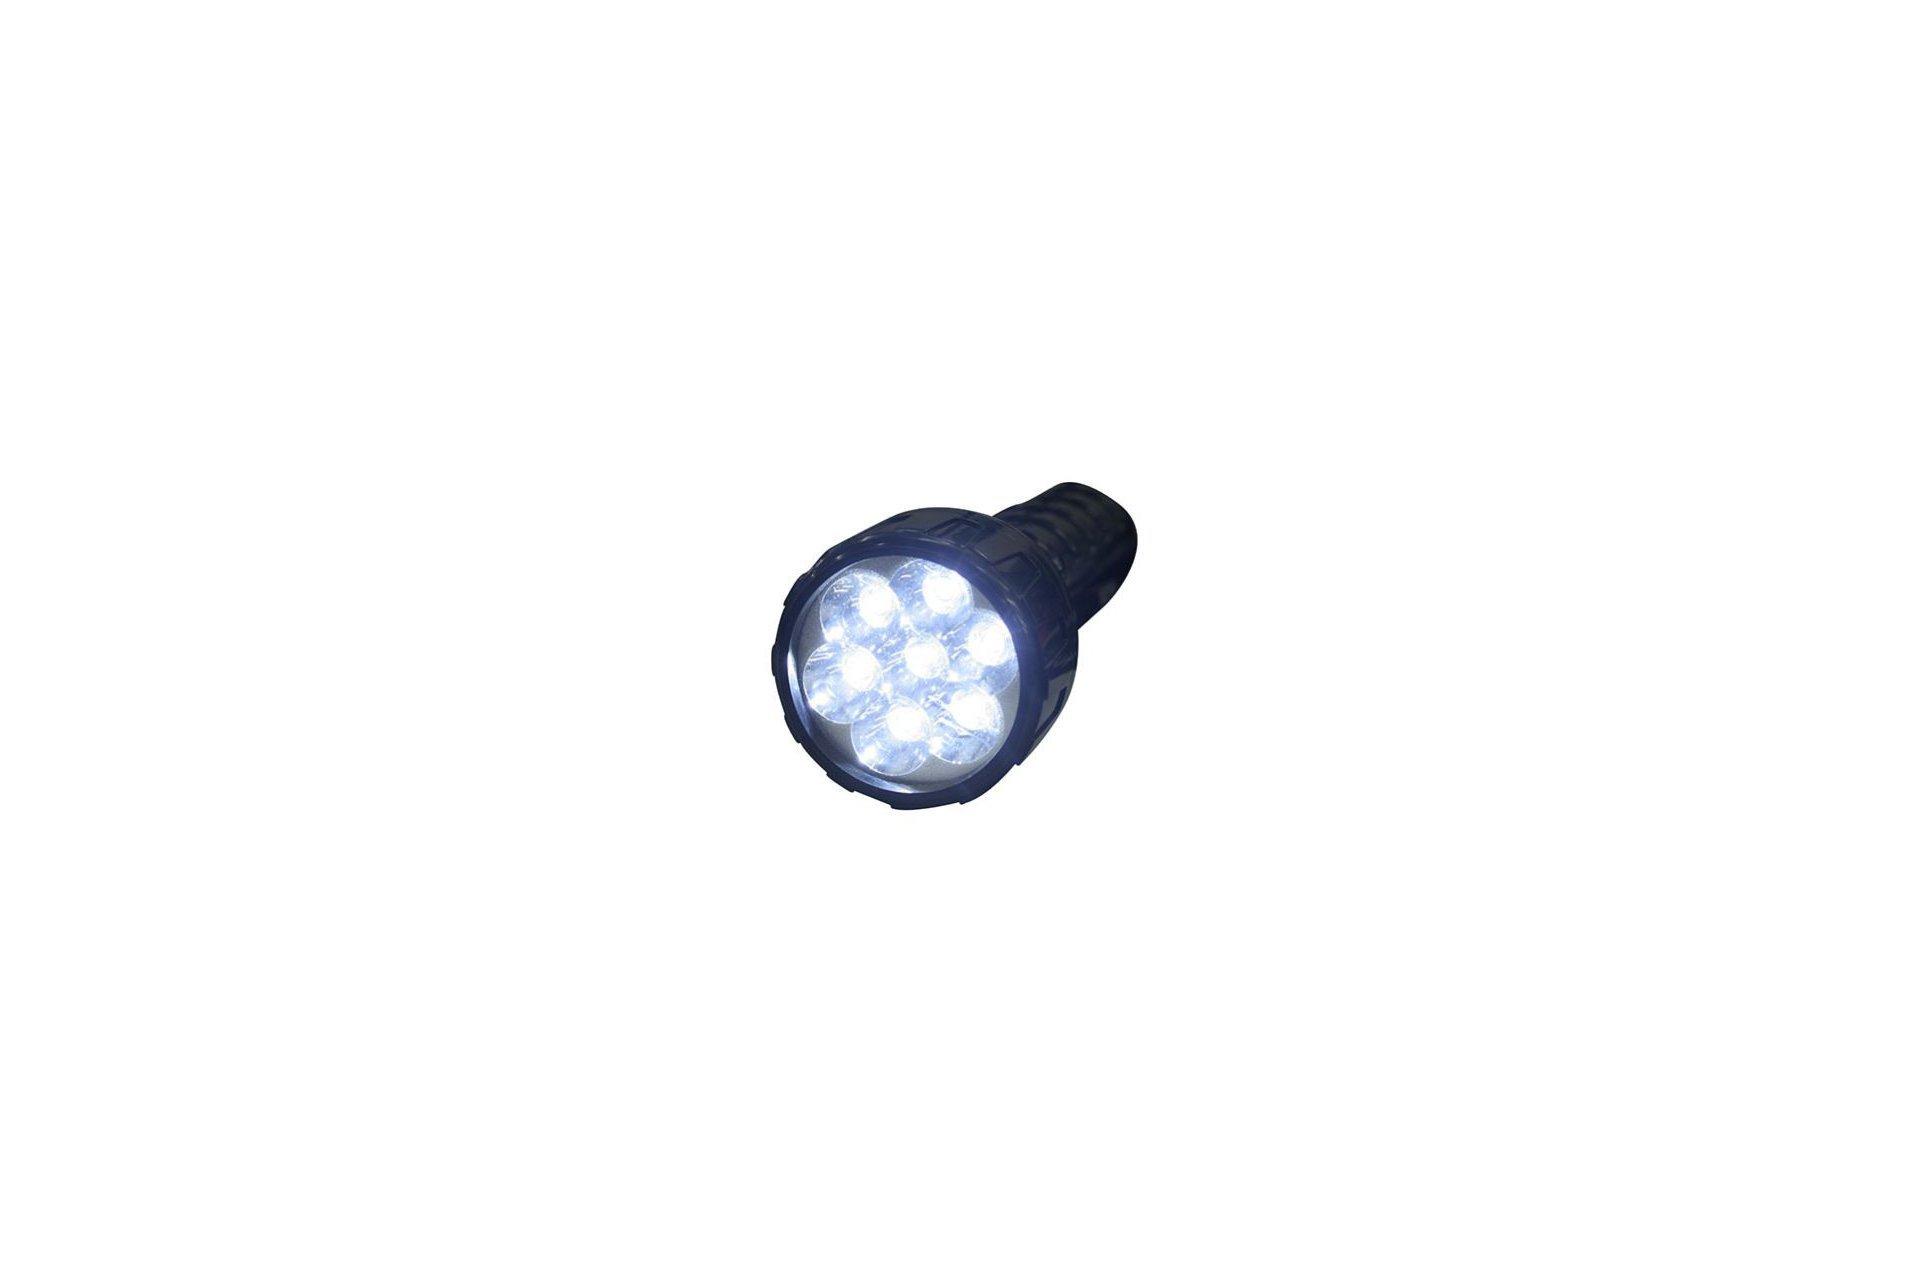 Lanterna De Mão Recarregável Luxor - Nautika